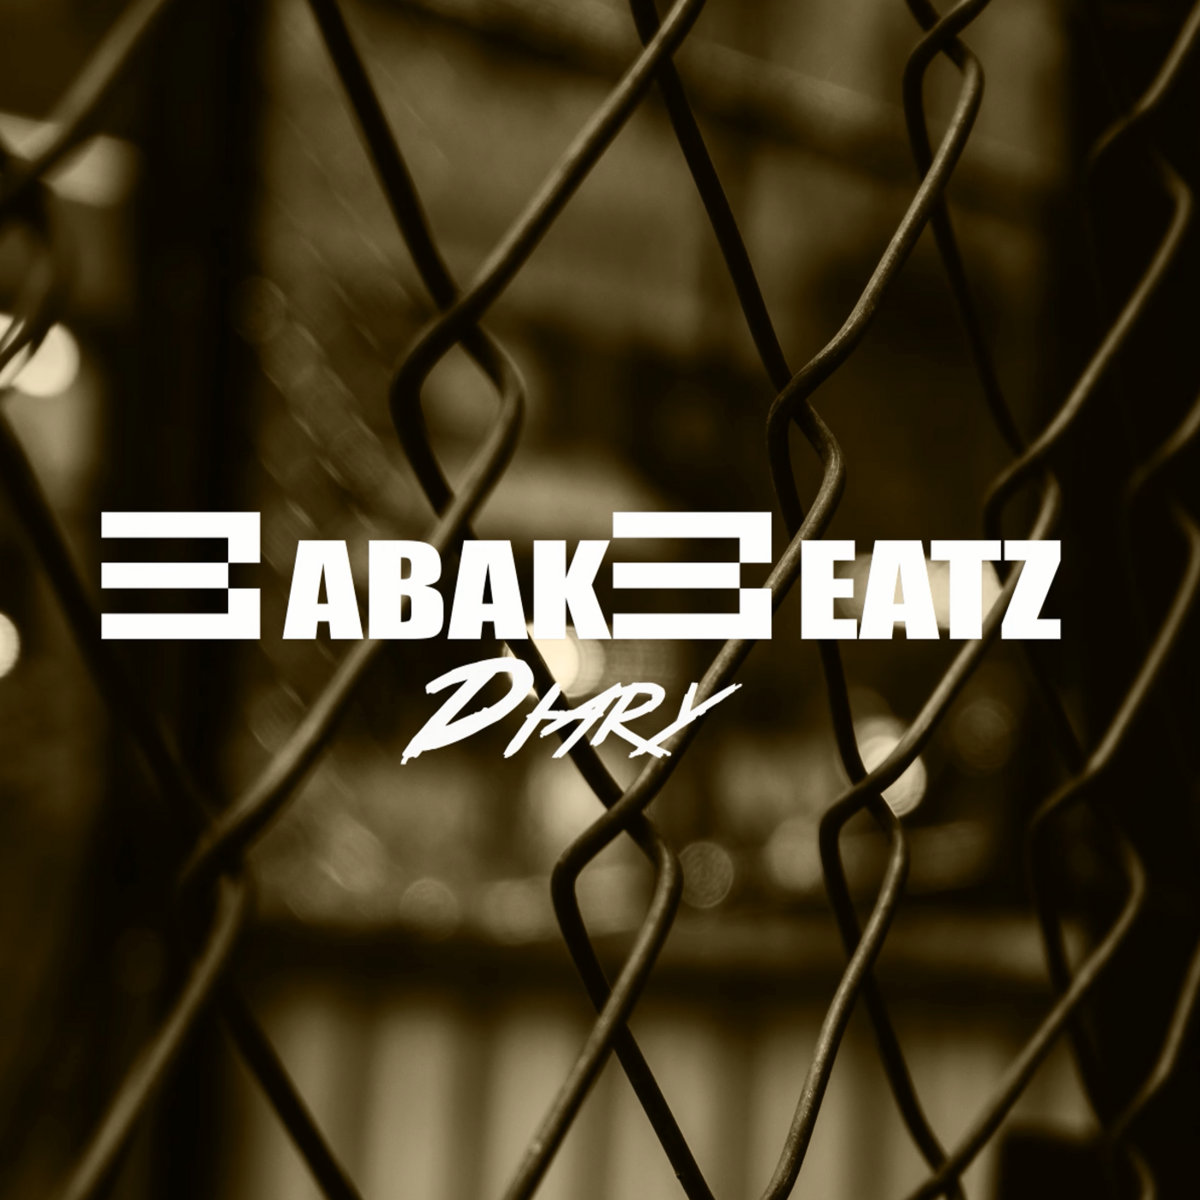 Hard Underground Old School Rap Beat Hip Hop Instrumental